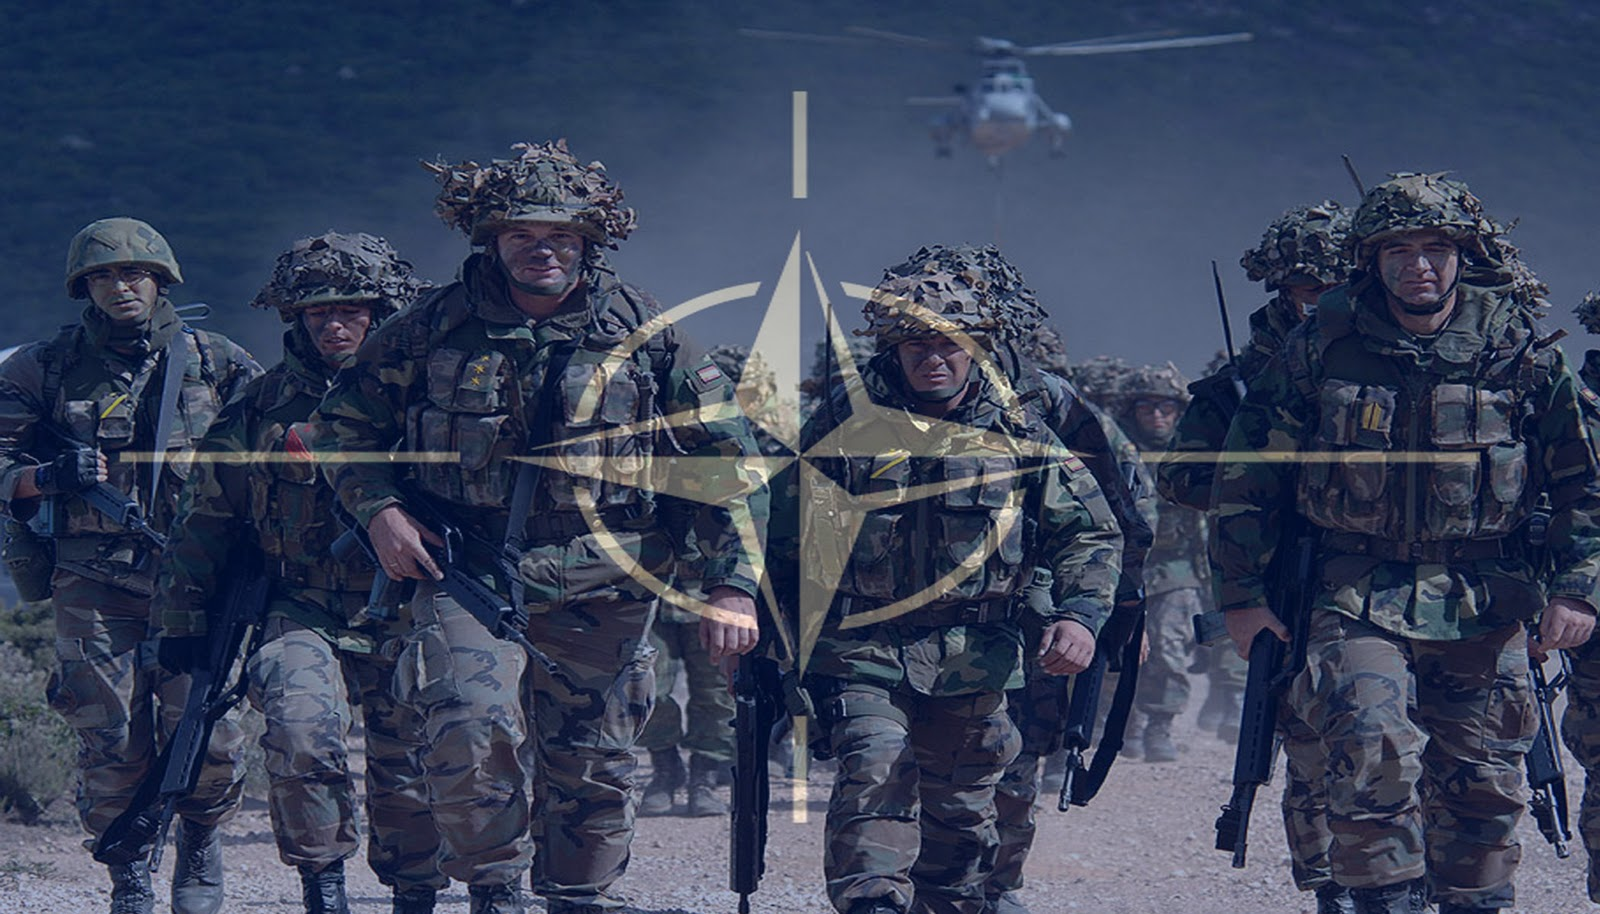 Otan descarta intervenção militar na Síria ou em outro país árabe